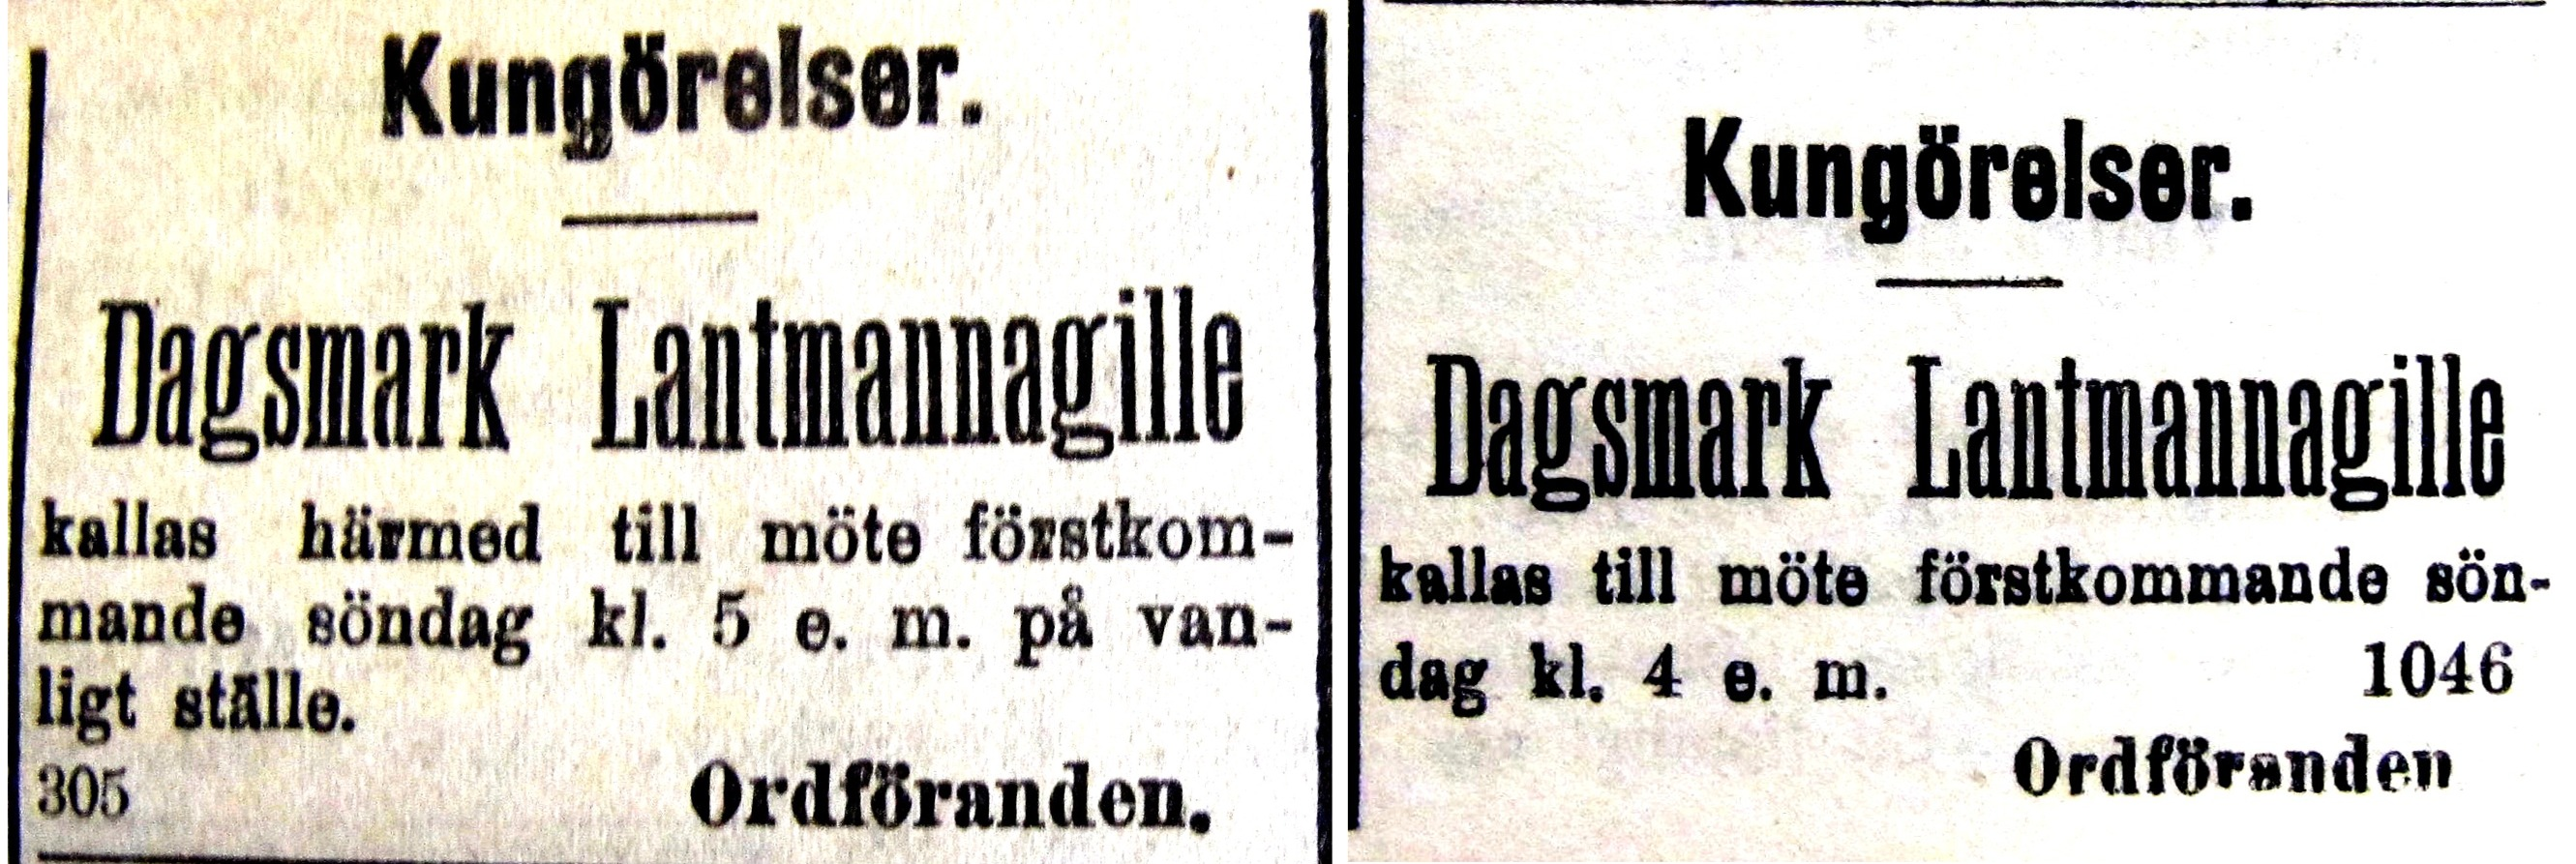 2 annonser från 1916.